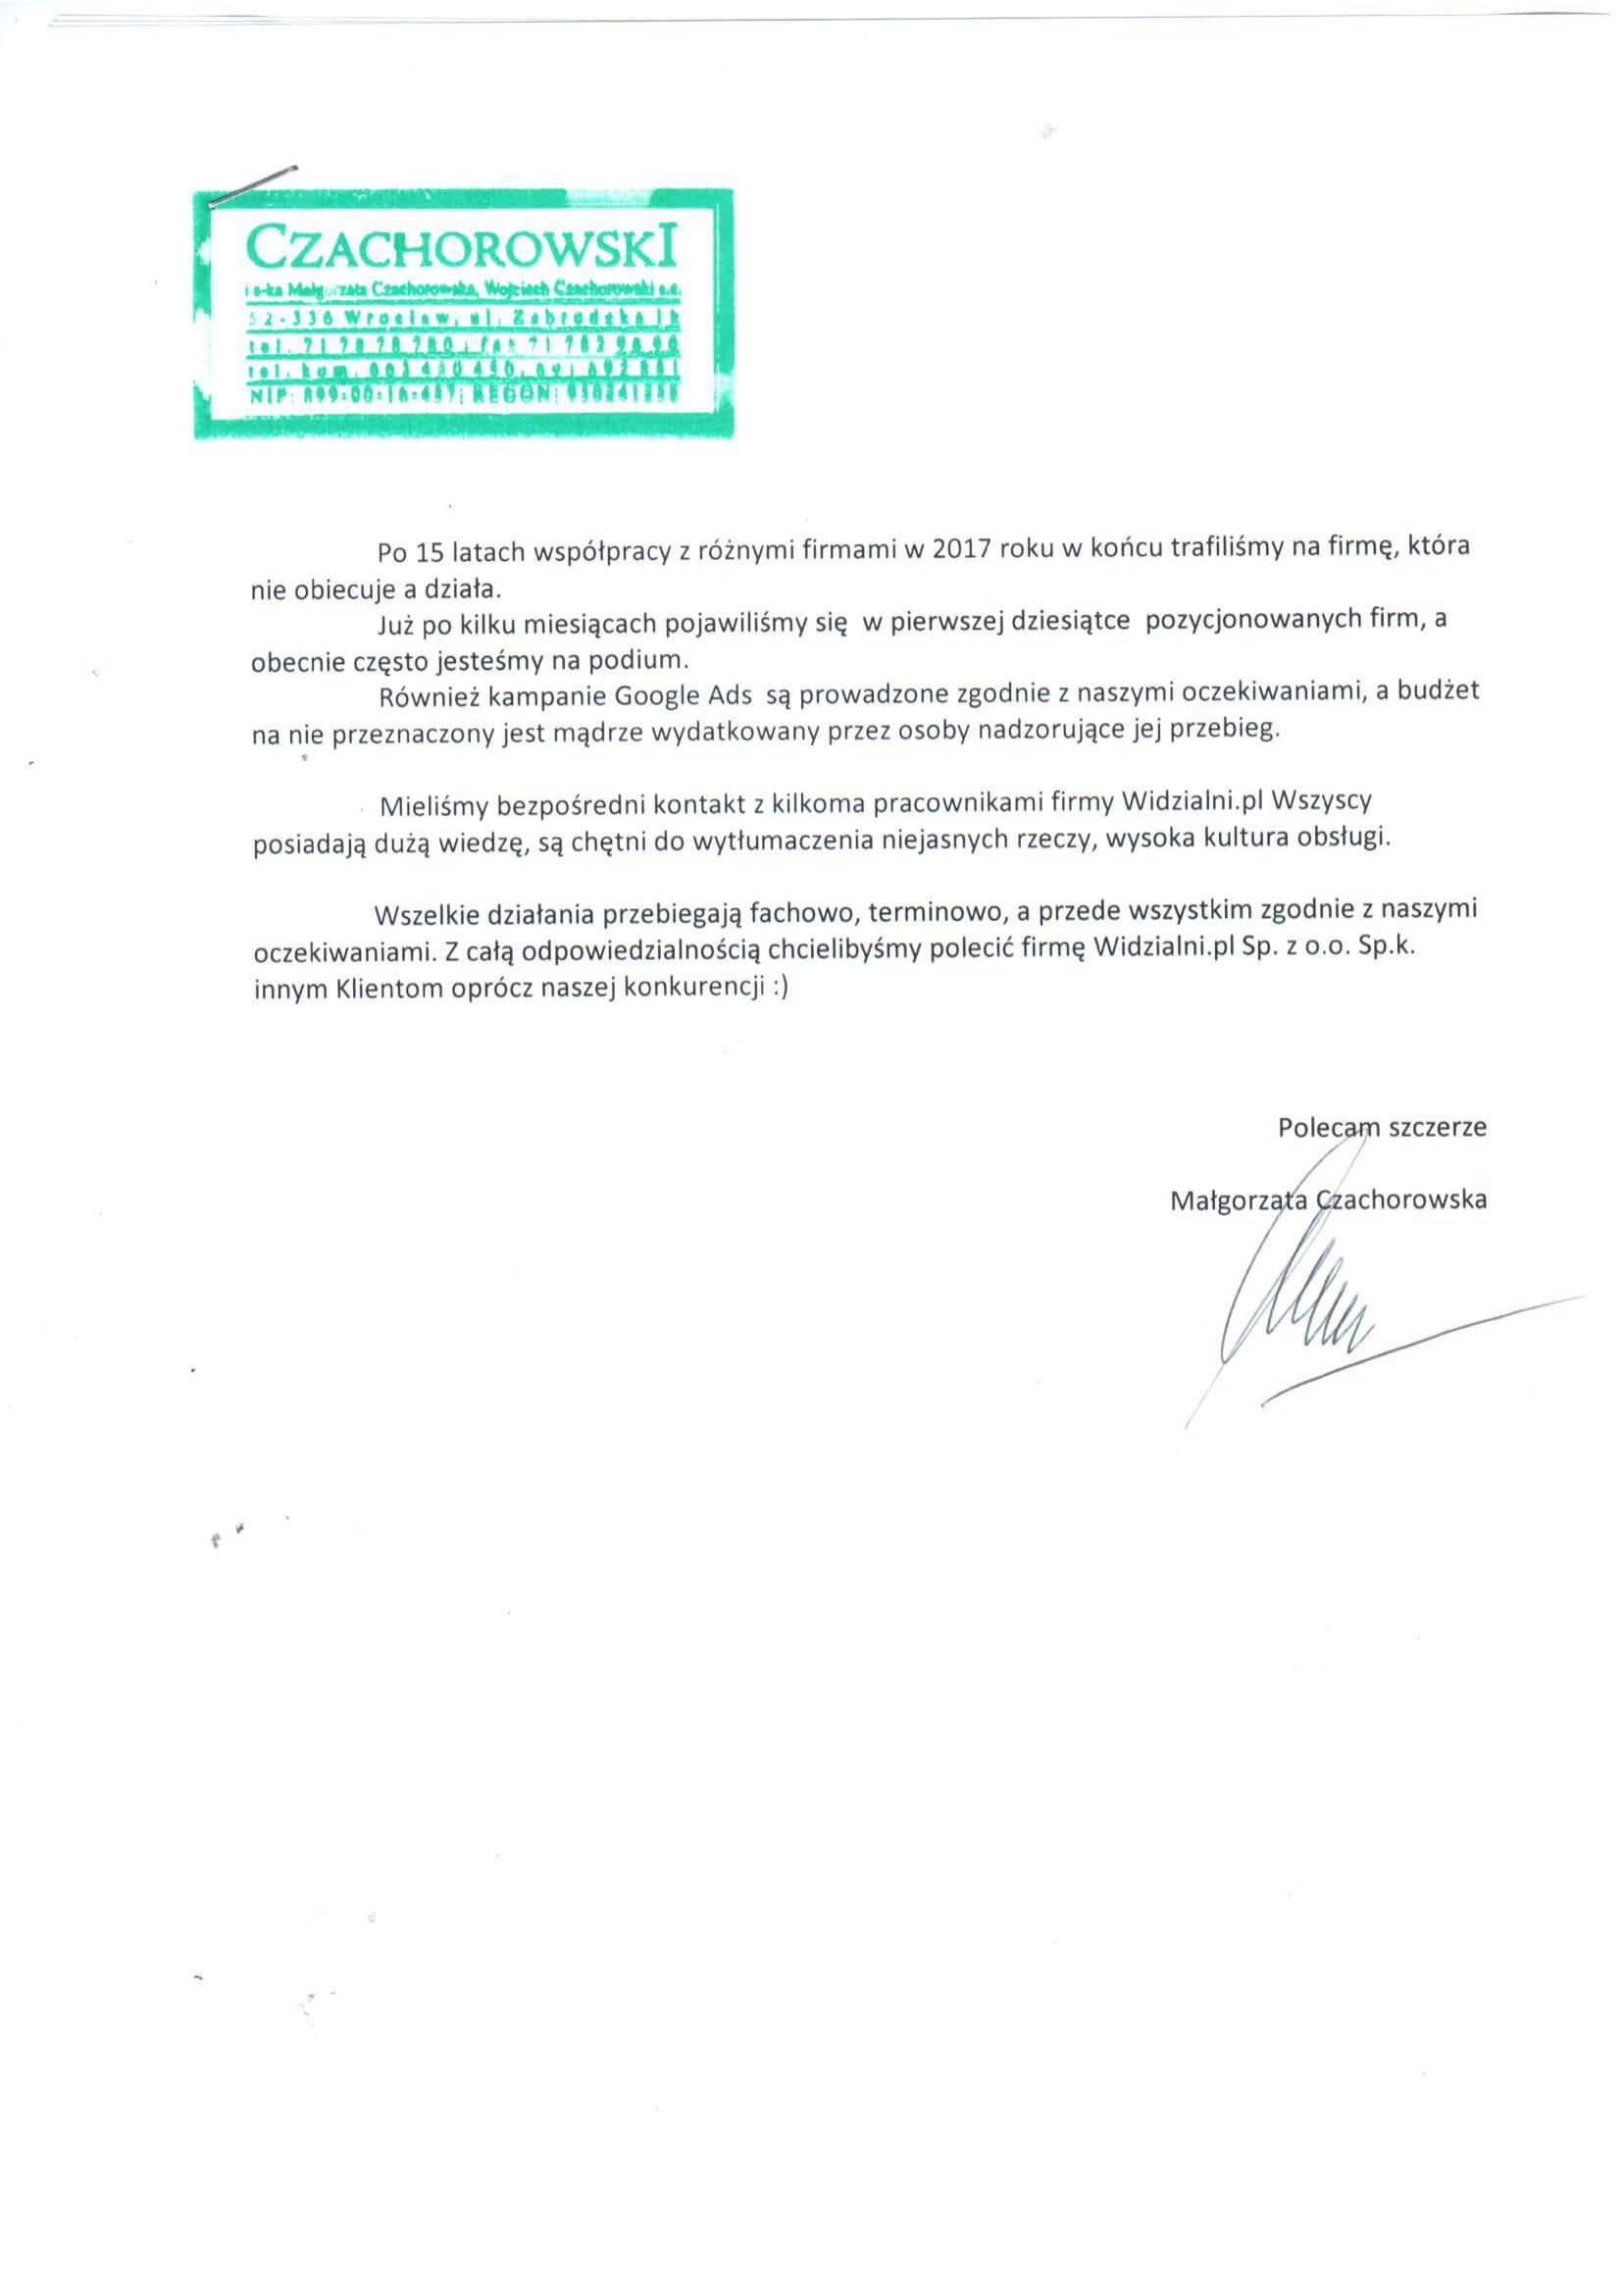 Referencje Czachorowski i s-ka Małgorzata Czachorowska Wojciech Czachorowski s.c.